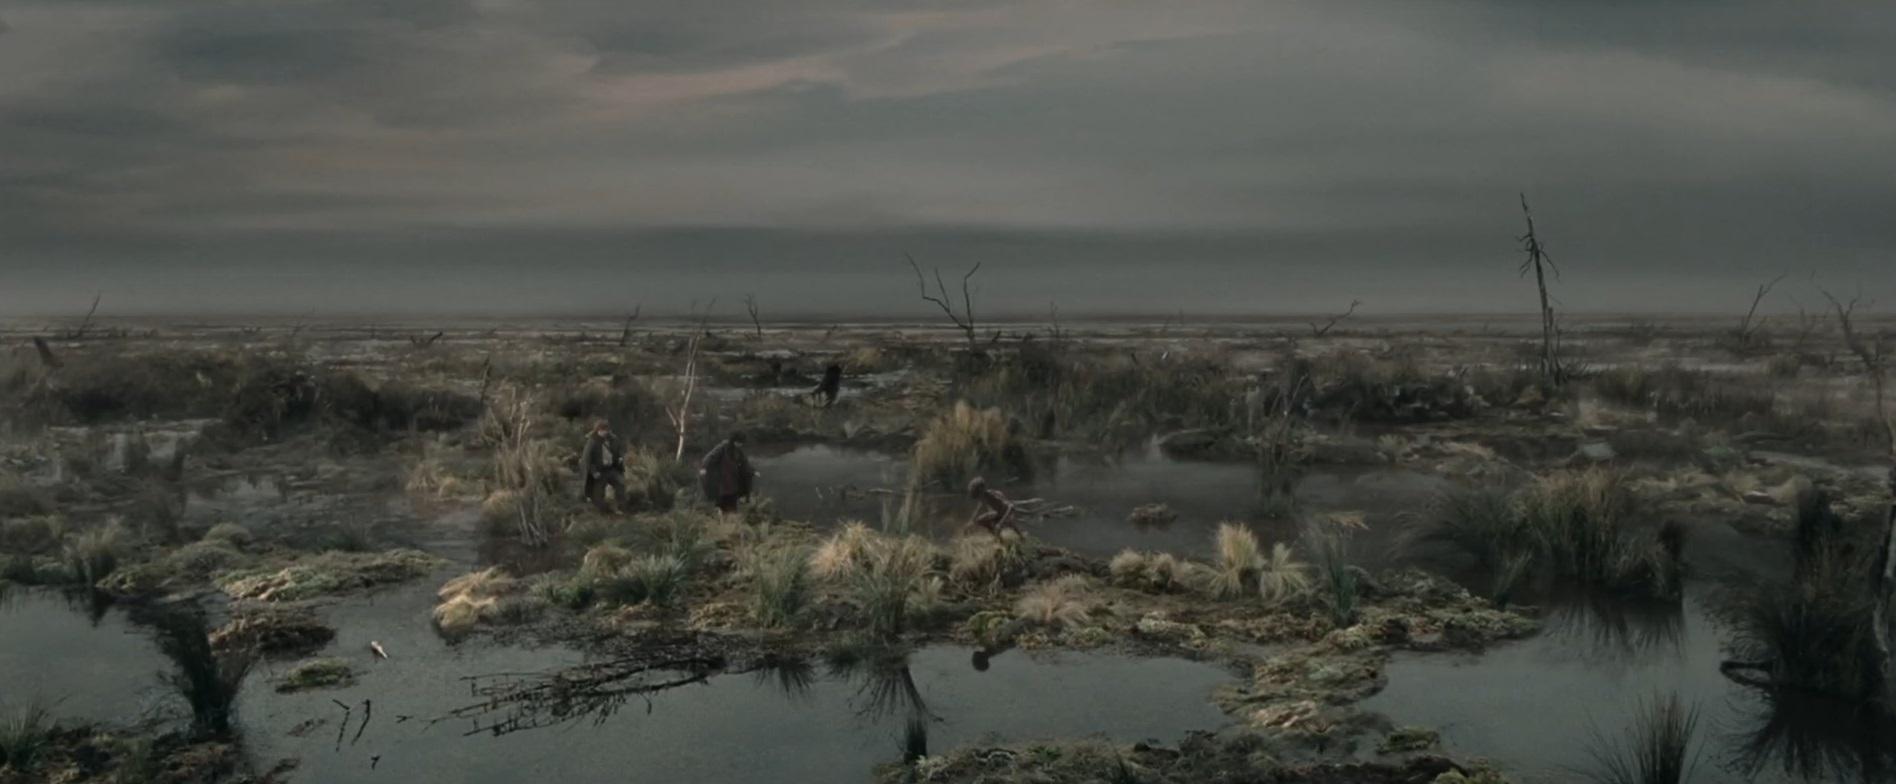 [003,0K] Kotunga Dead-marshes